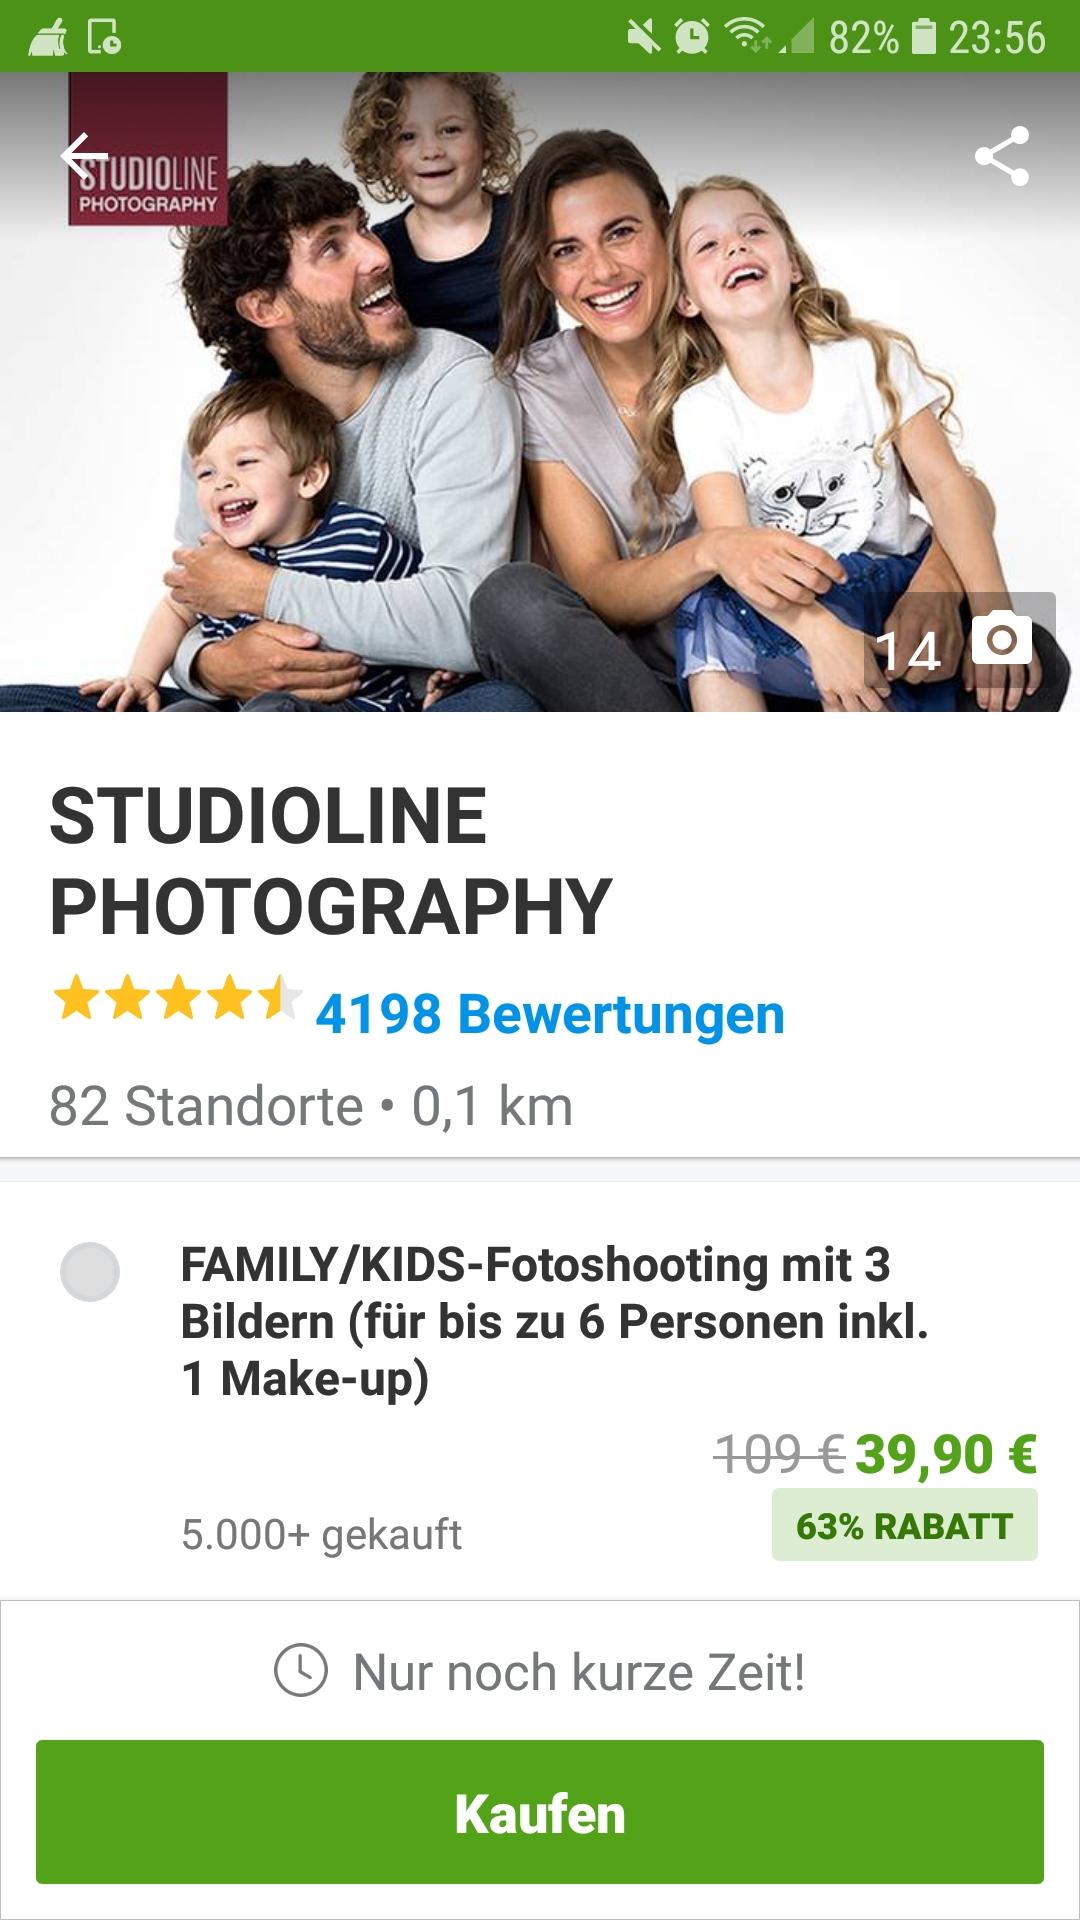 Studioline Family/Kids-Fotoshooting mit 3 Bildern (für bis zu 6 Personen inkl. 1 Make-up)